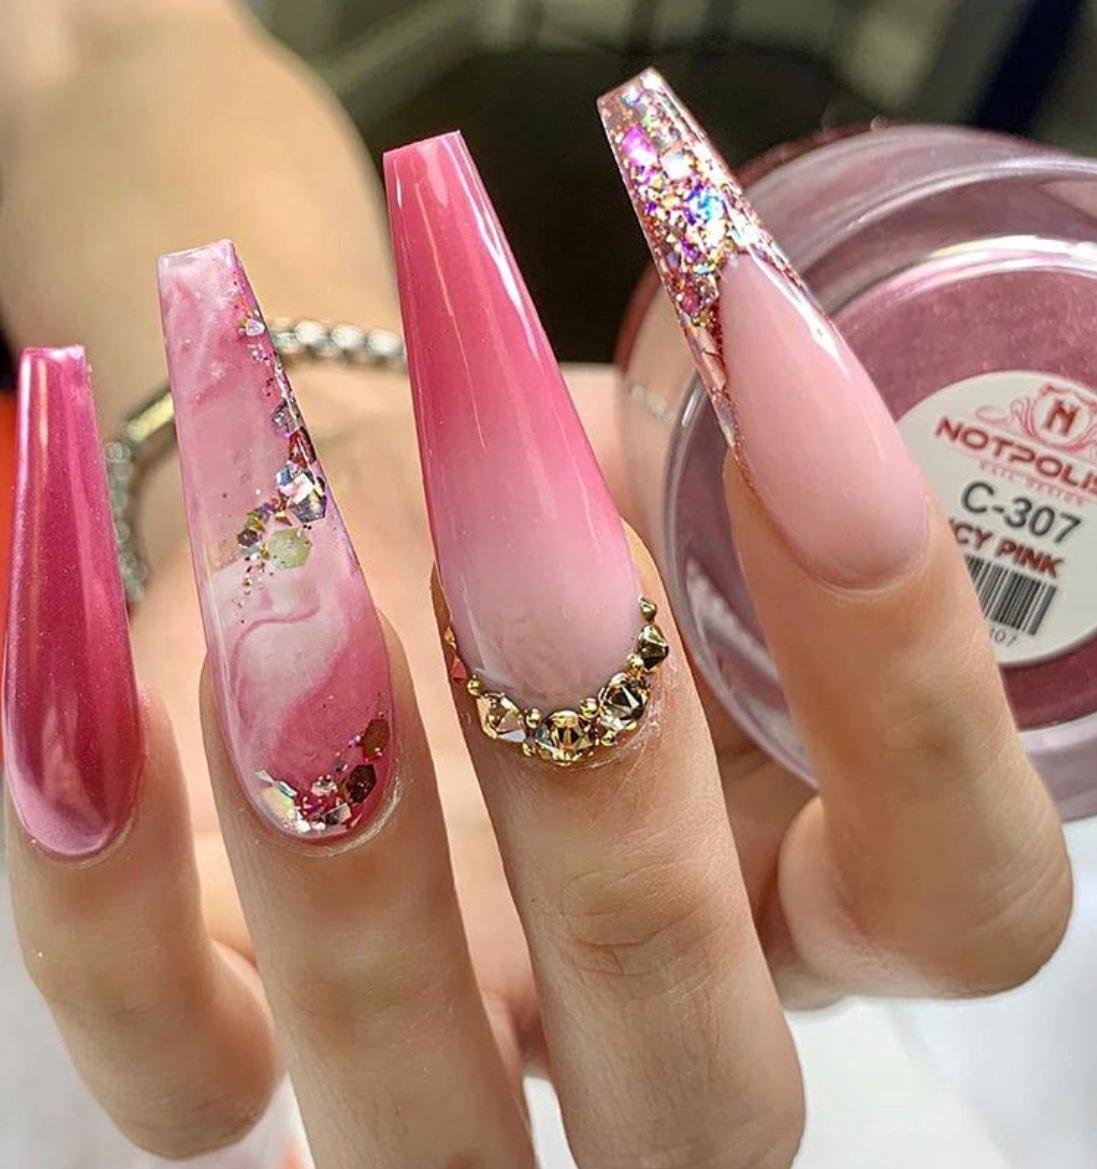 presson nails